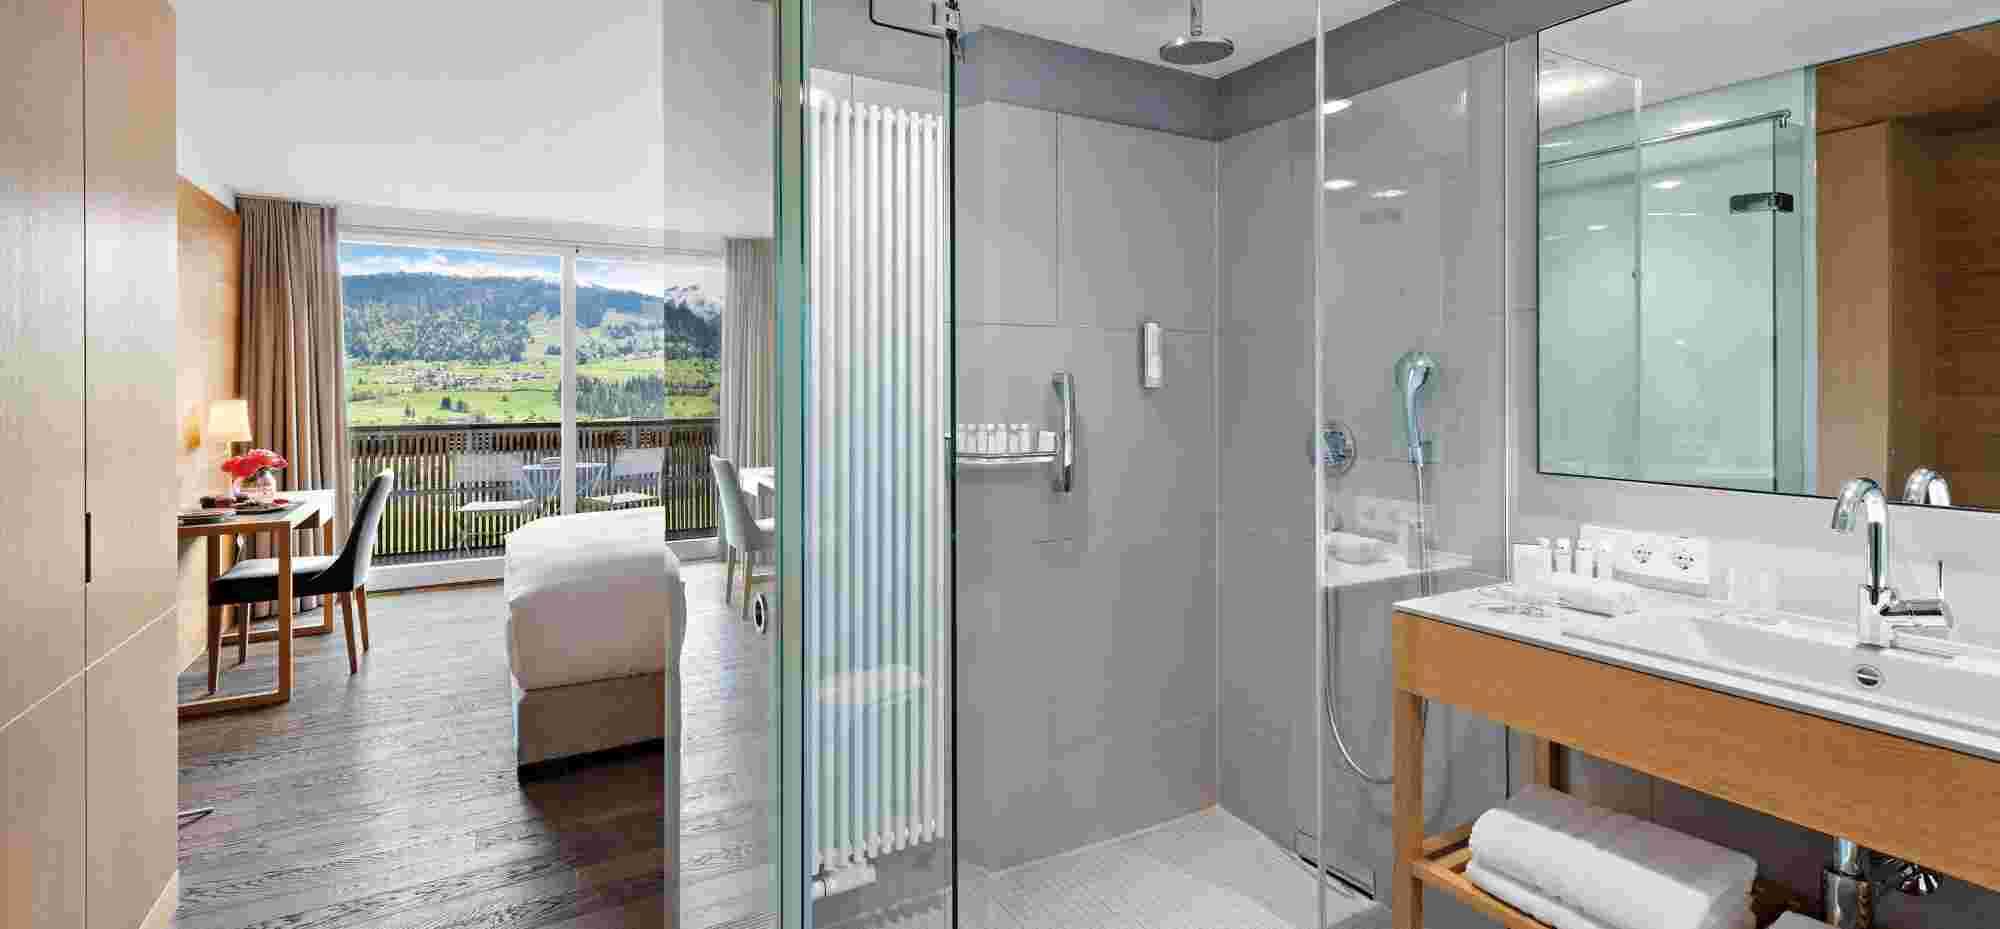 Superior Doppelzimmer mit Badezimmer und Ausblick im 5 Sterne Hotel Allgäu Sonne